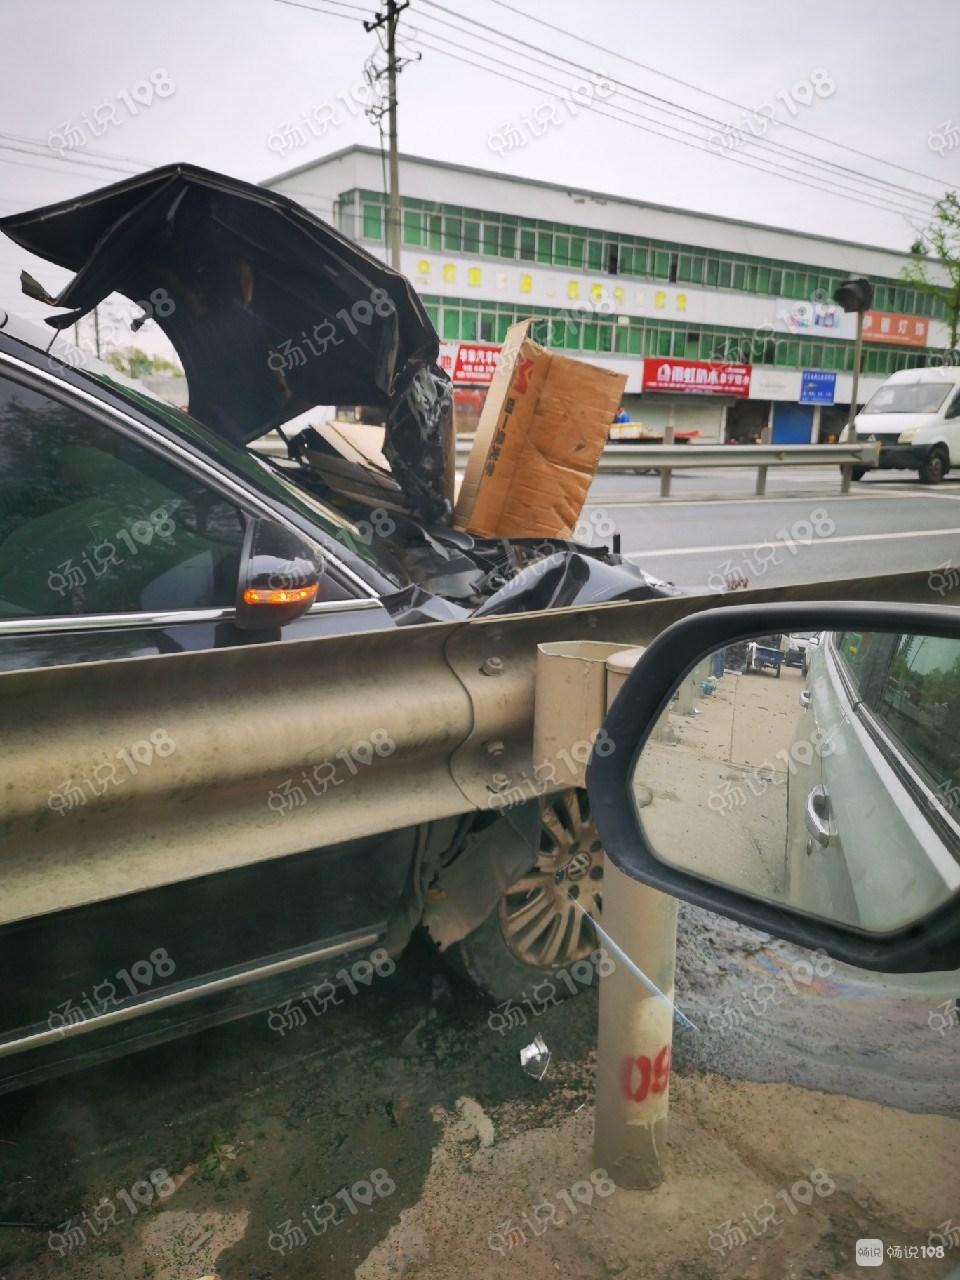 104国道突发车祸!一小货车被当场撞翻,现场一片狼藉